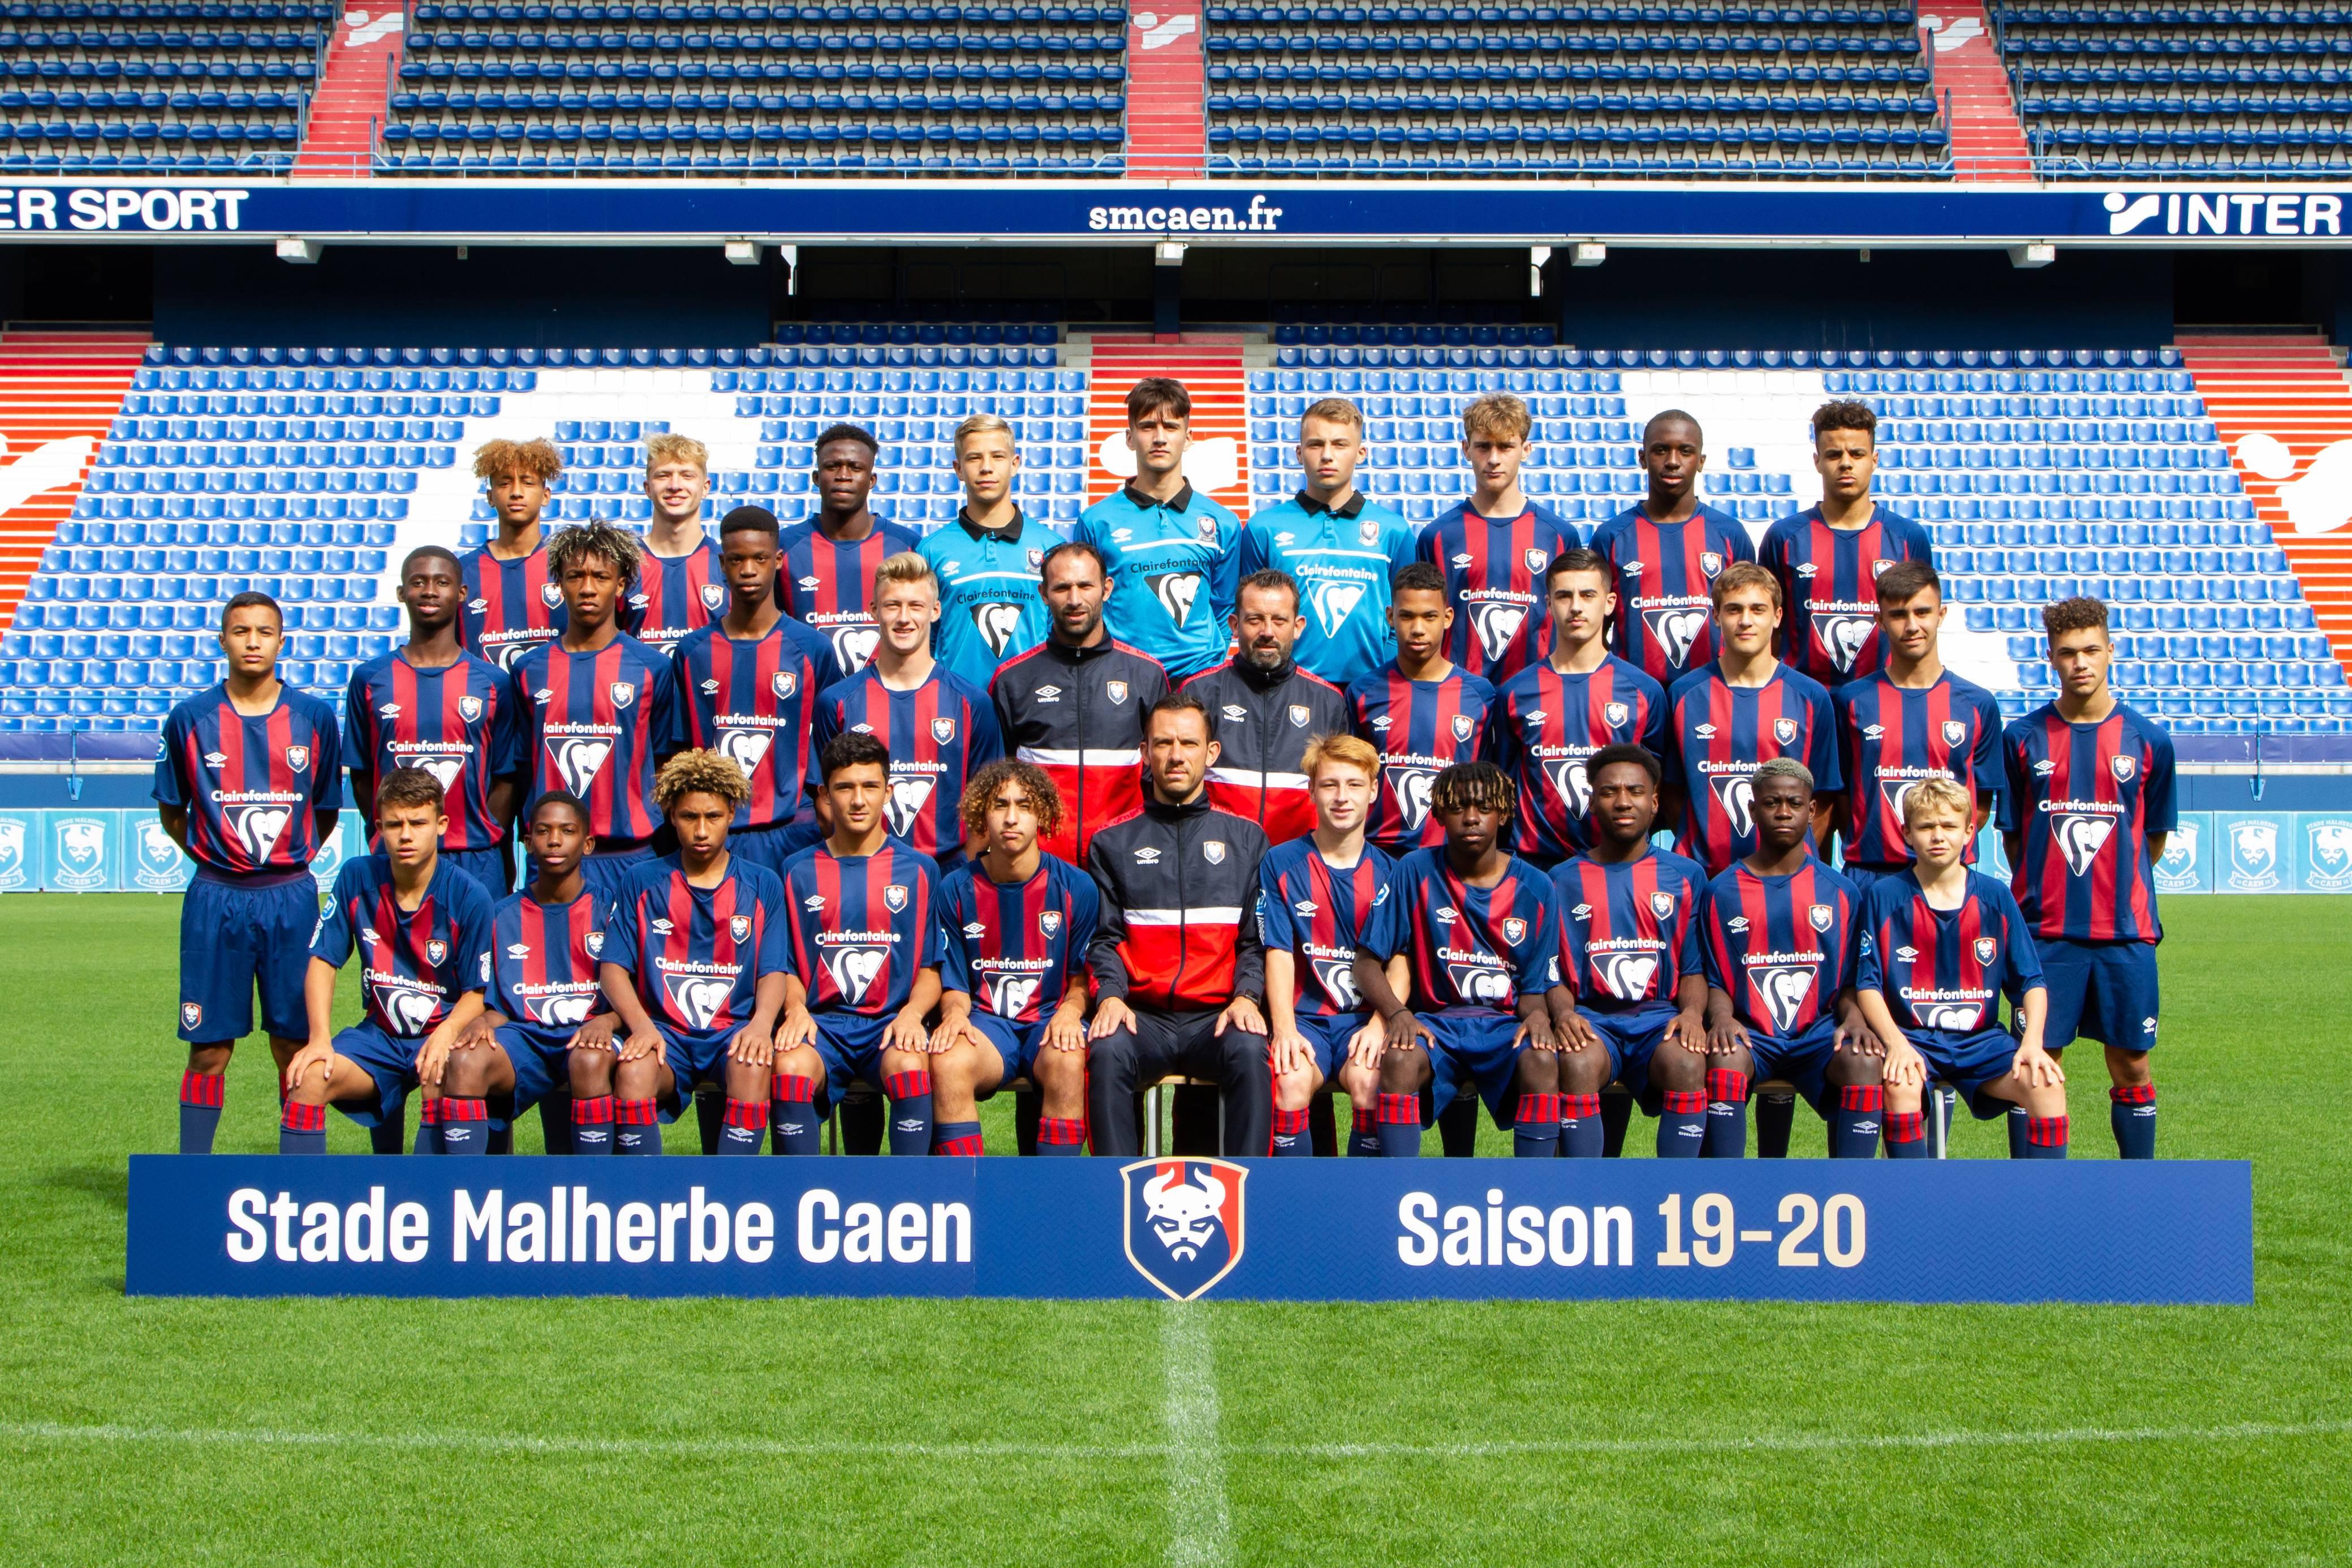 Stade Malherbe Caen Calvados Basse-Normandie - équipe U17 2019-2020